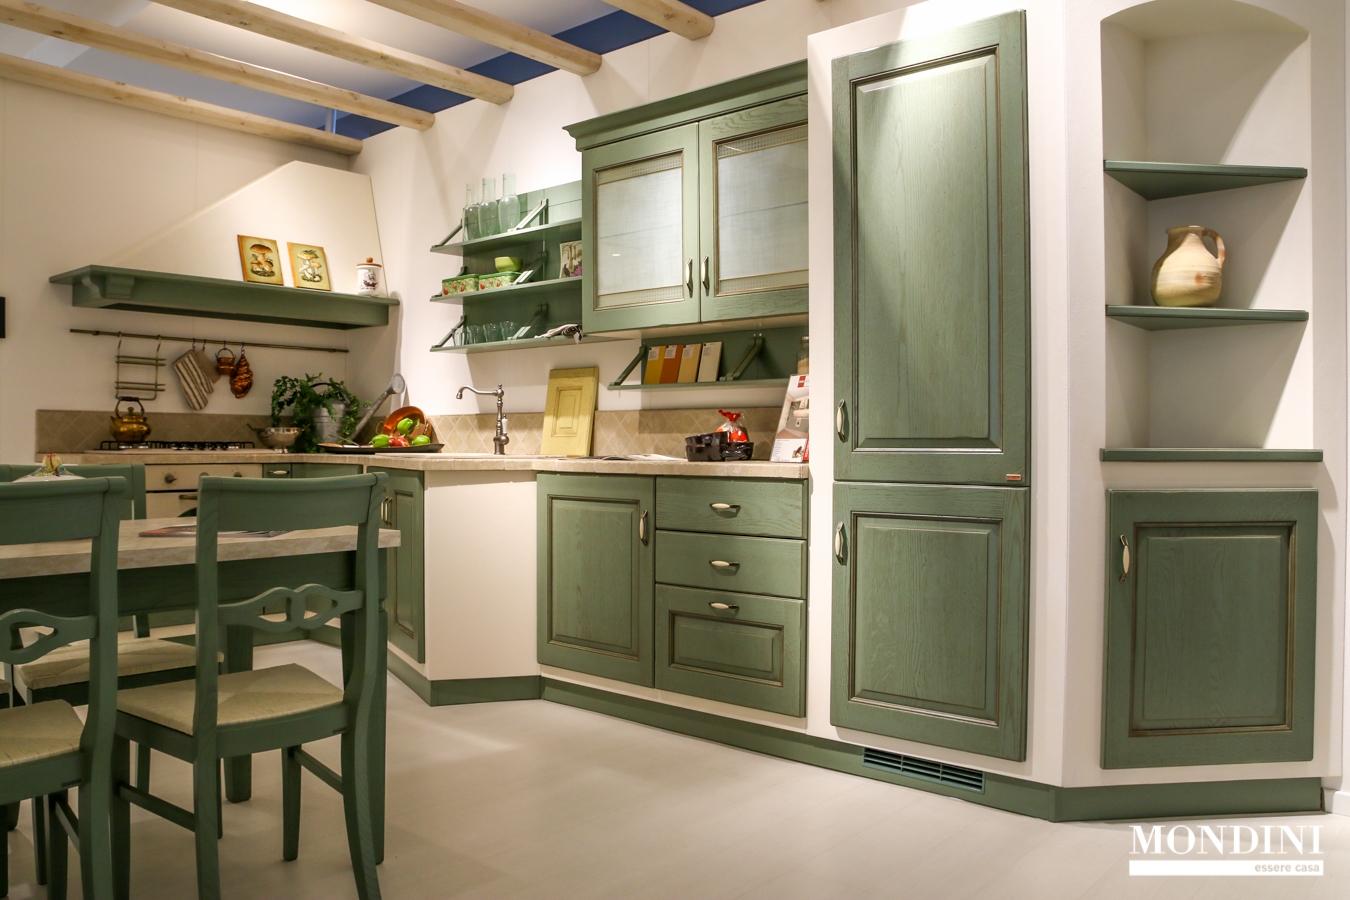 Cucina angolare scavolini in muratura scontata del 51 cucine a prezzi scontati - Cucine a muratura ...